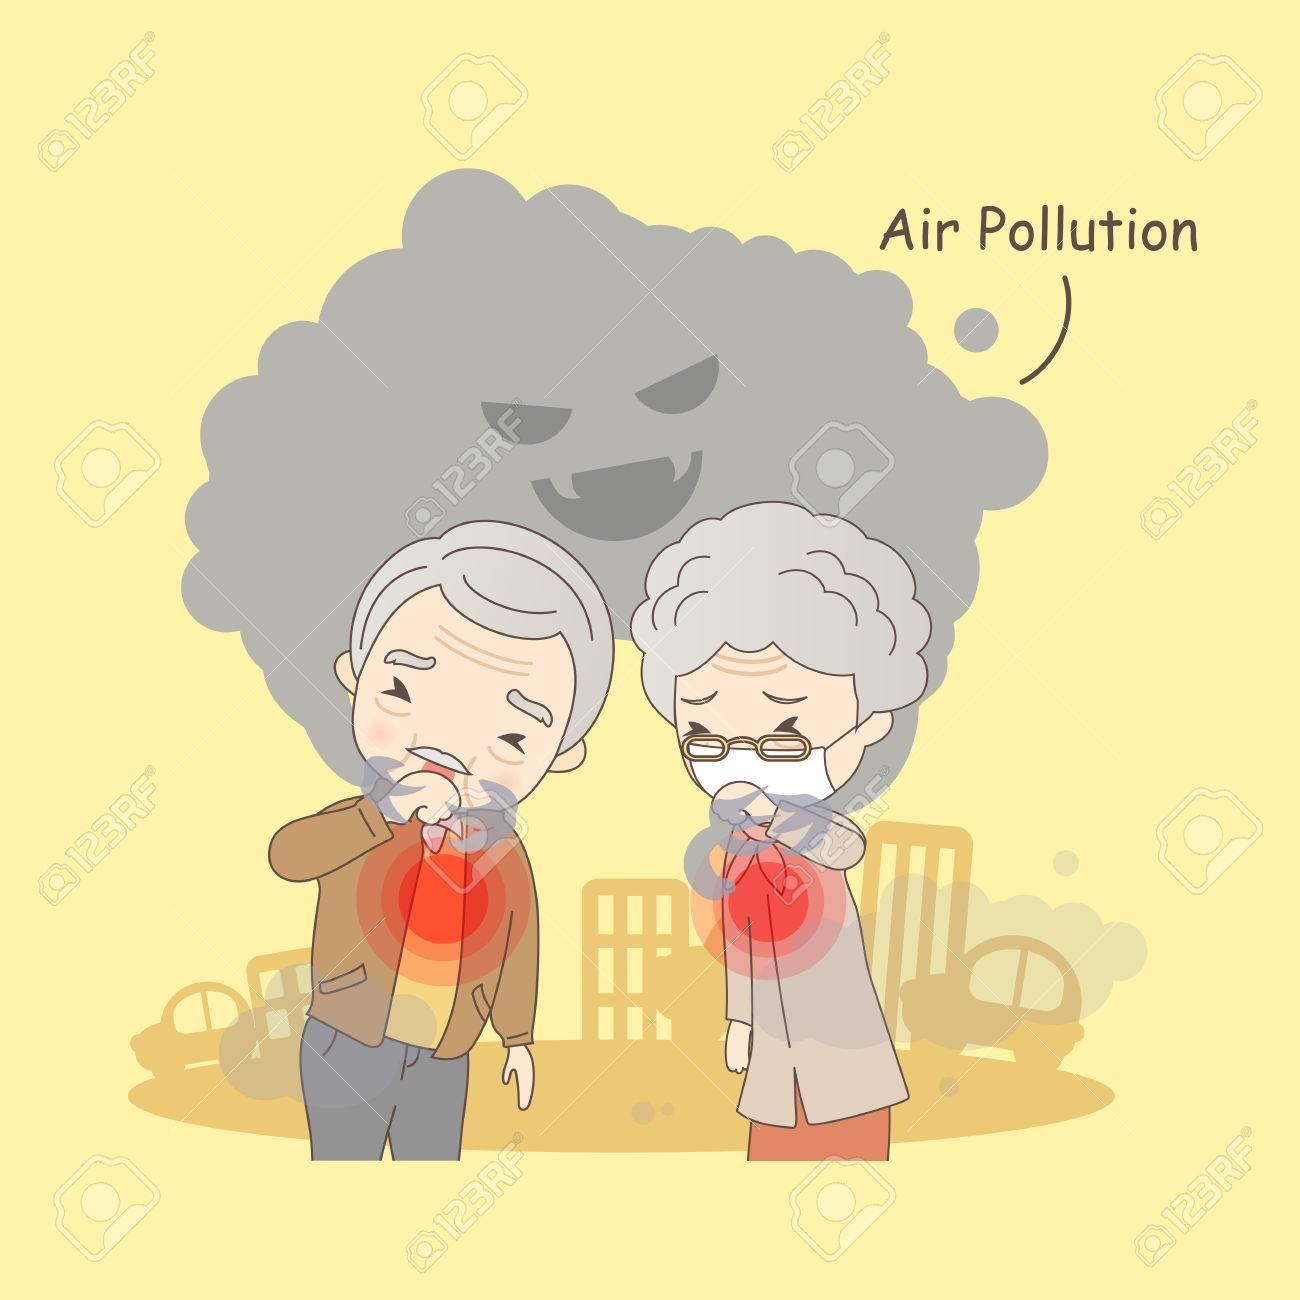 De Dibujos Animados Pareja De Ancianos Con La Contaminación Del Aire